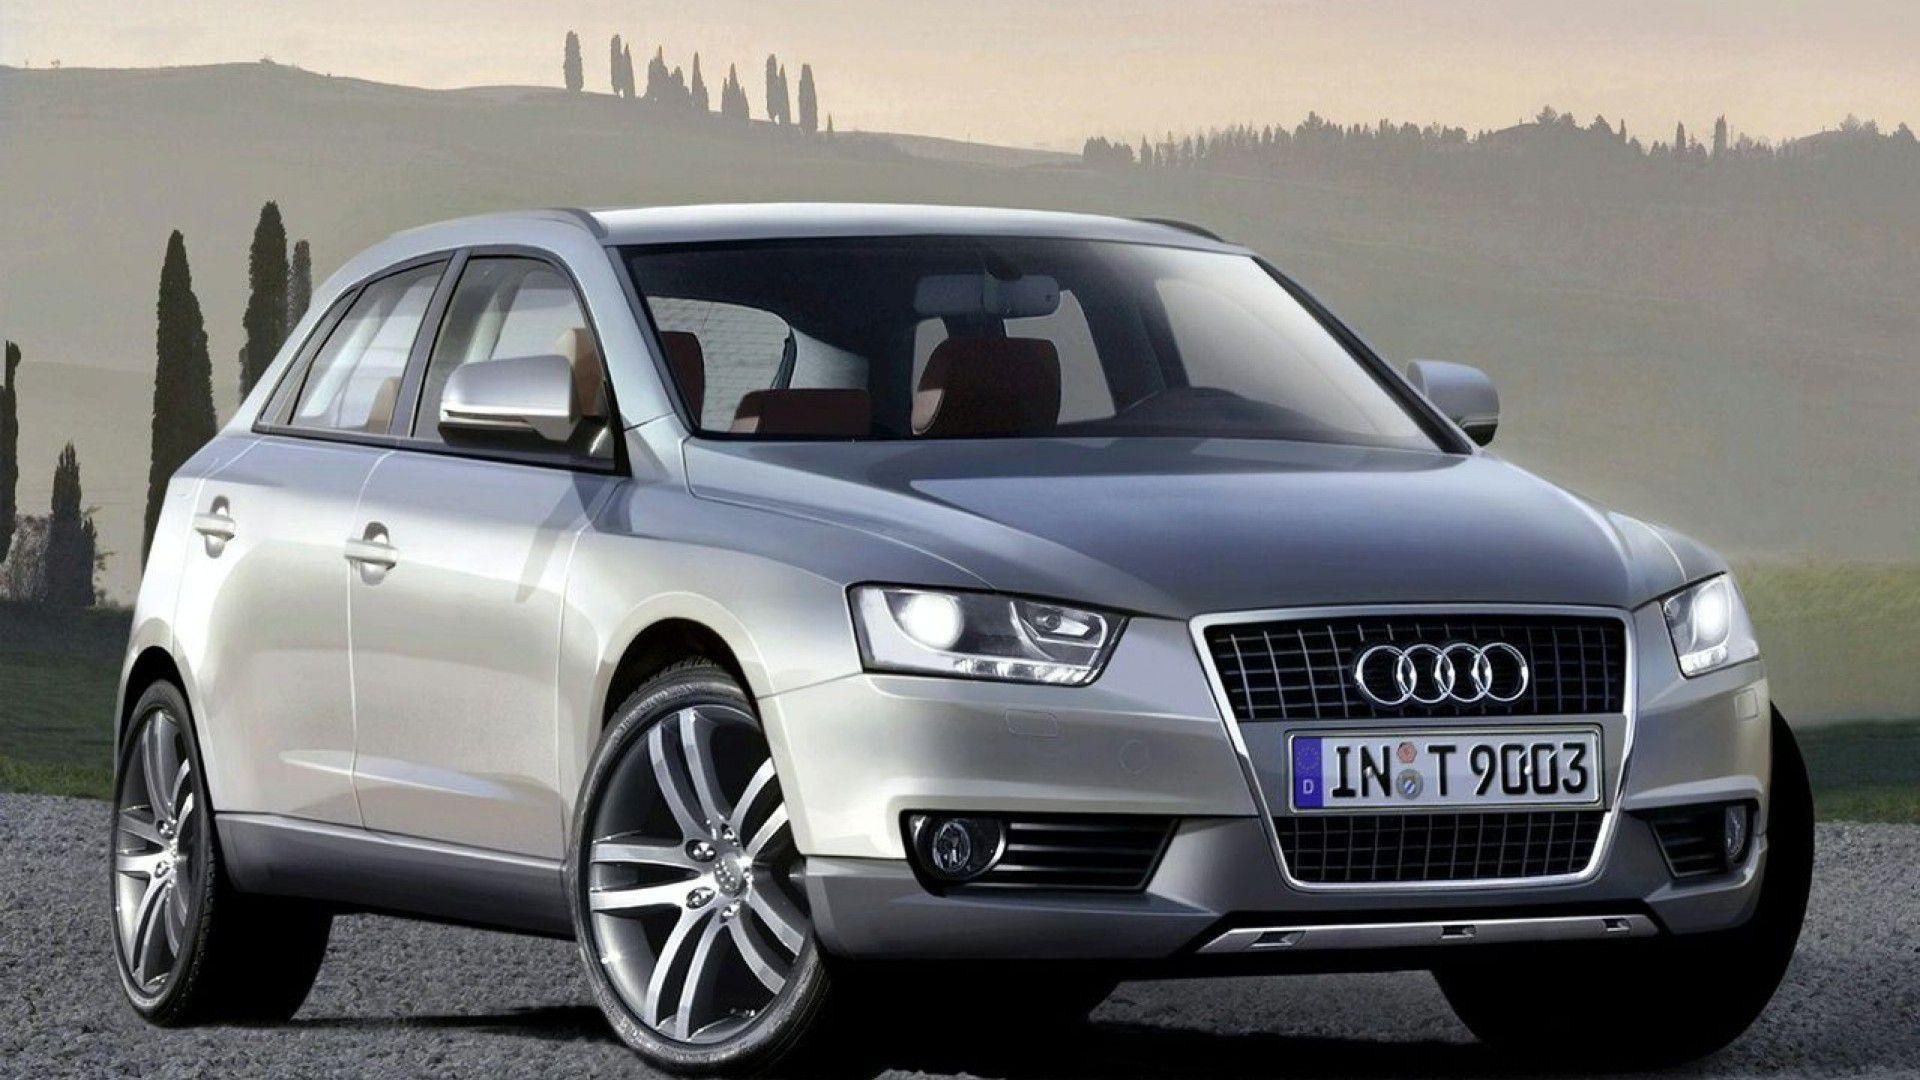 Kekurangan Audi Q3 2011 Review